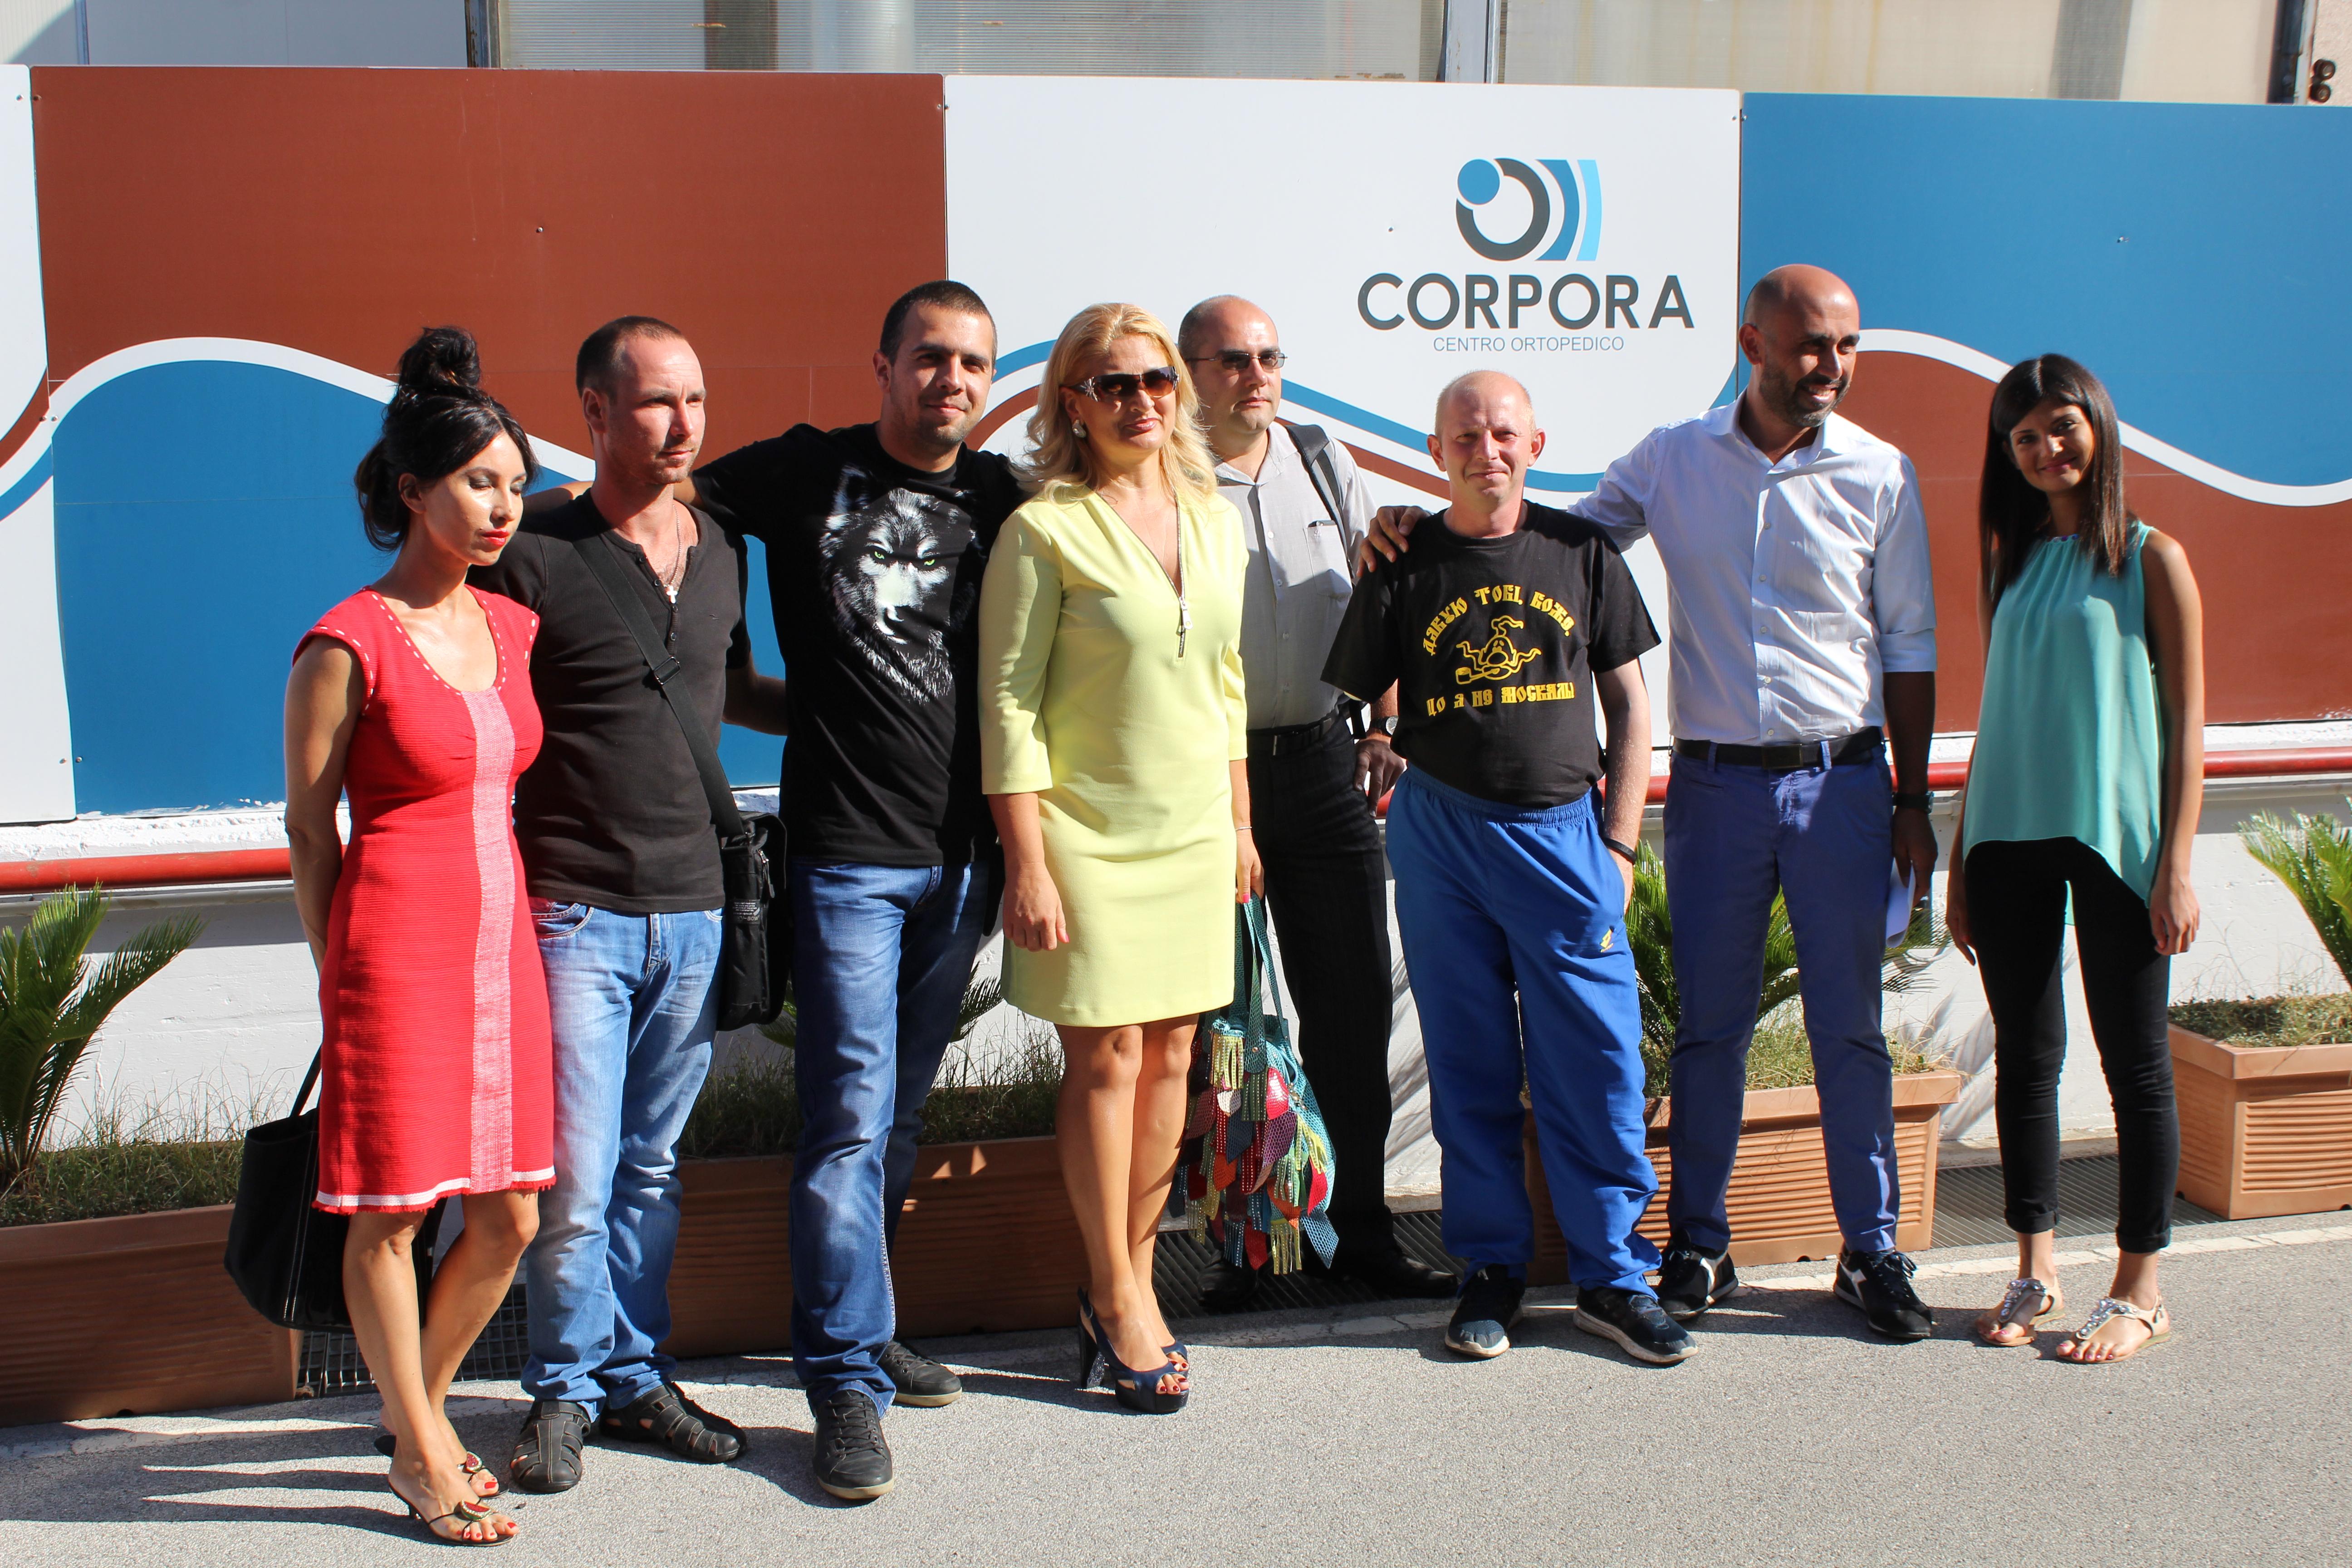 presso CORPORA, Gricignano